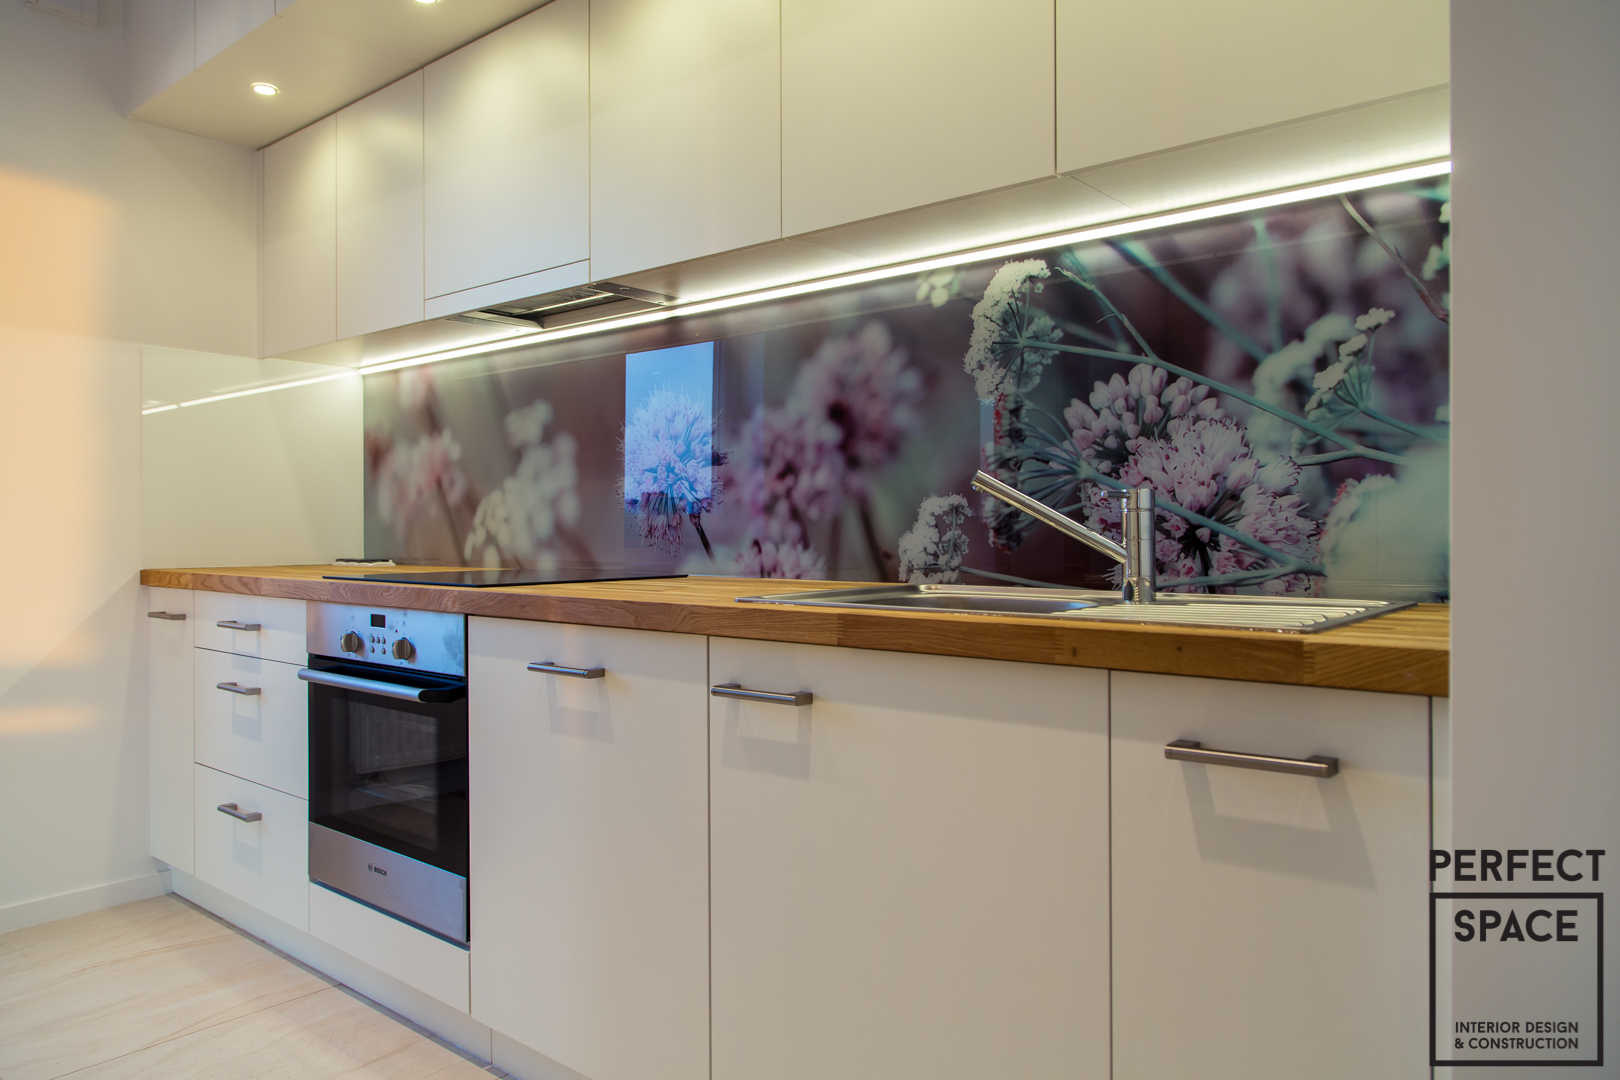 Backsplash Szklane Panele Kuchenne W Aranżacji Wnętrza Kuchni